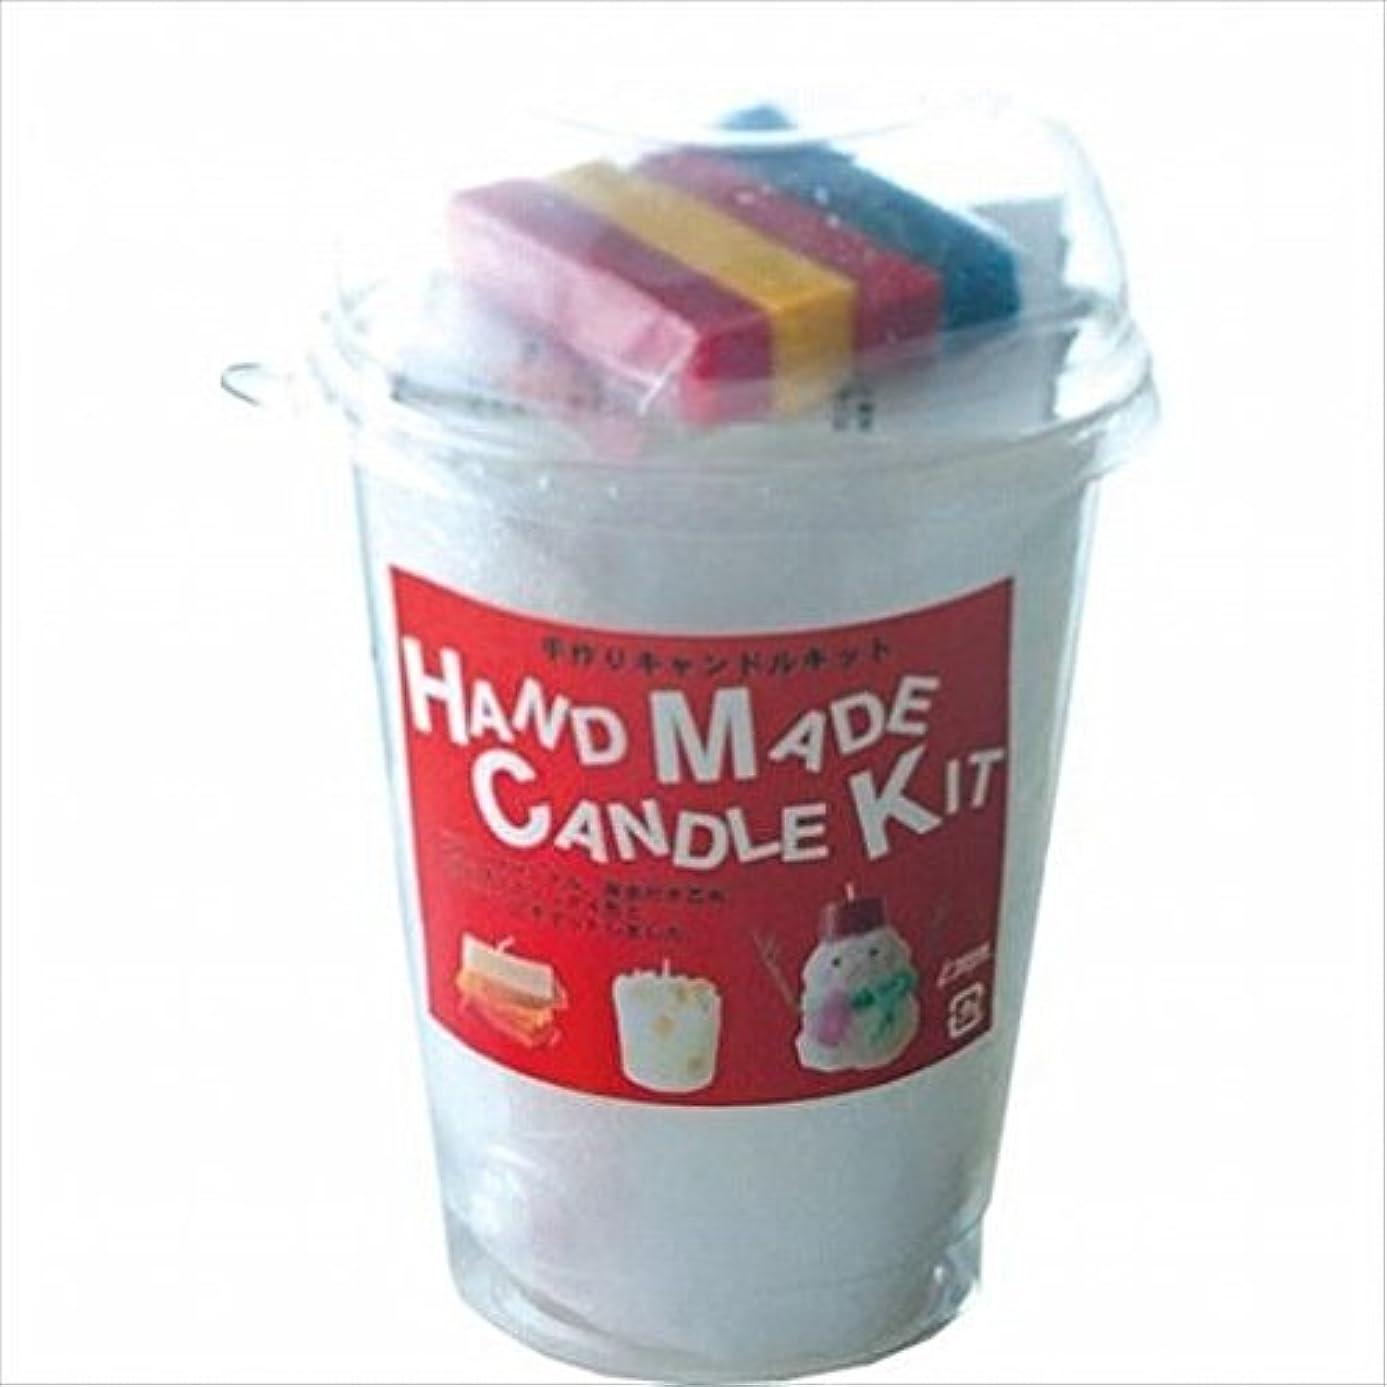 曇ったカーフ伝導kameyama candle(カメヤマキャンドル) 手作りキャンドルキット(A1030000)